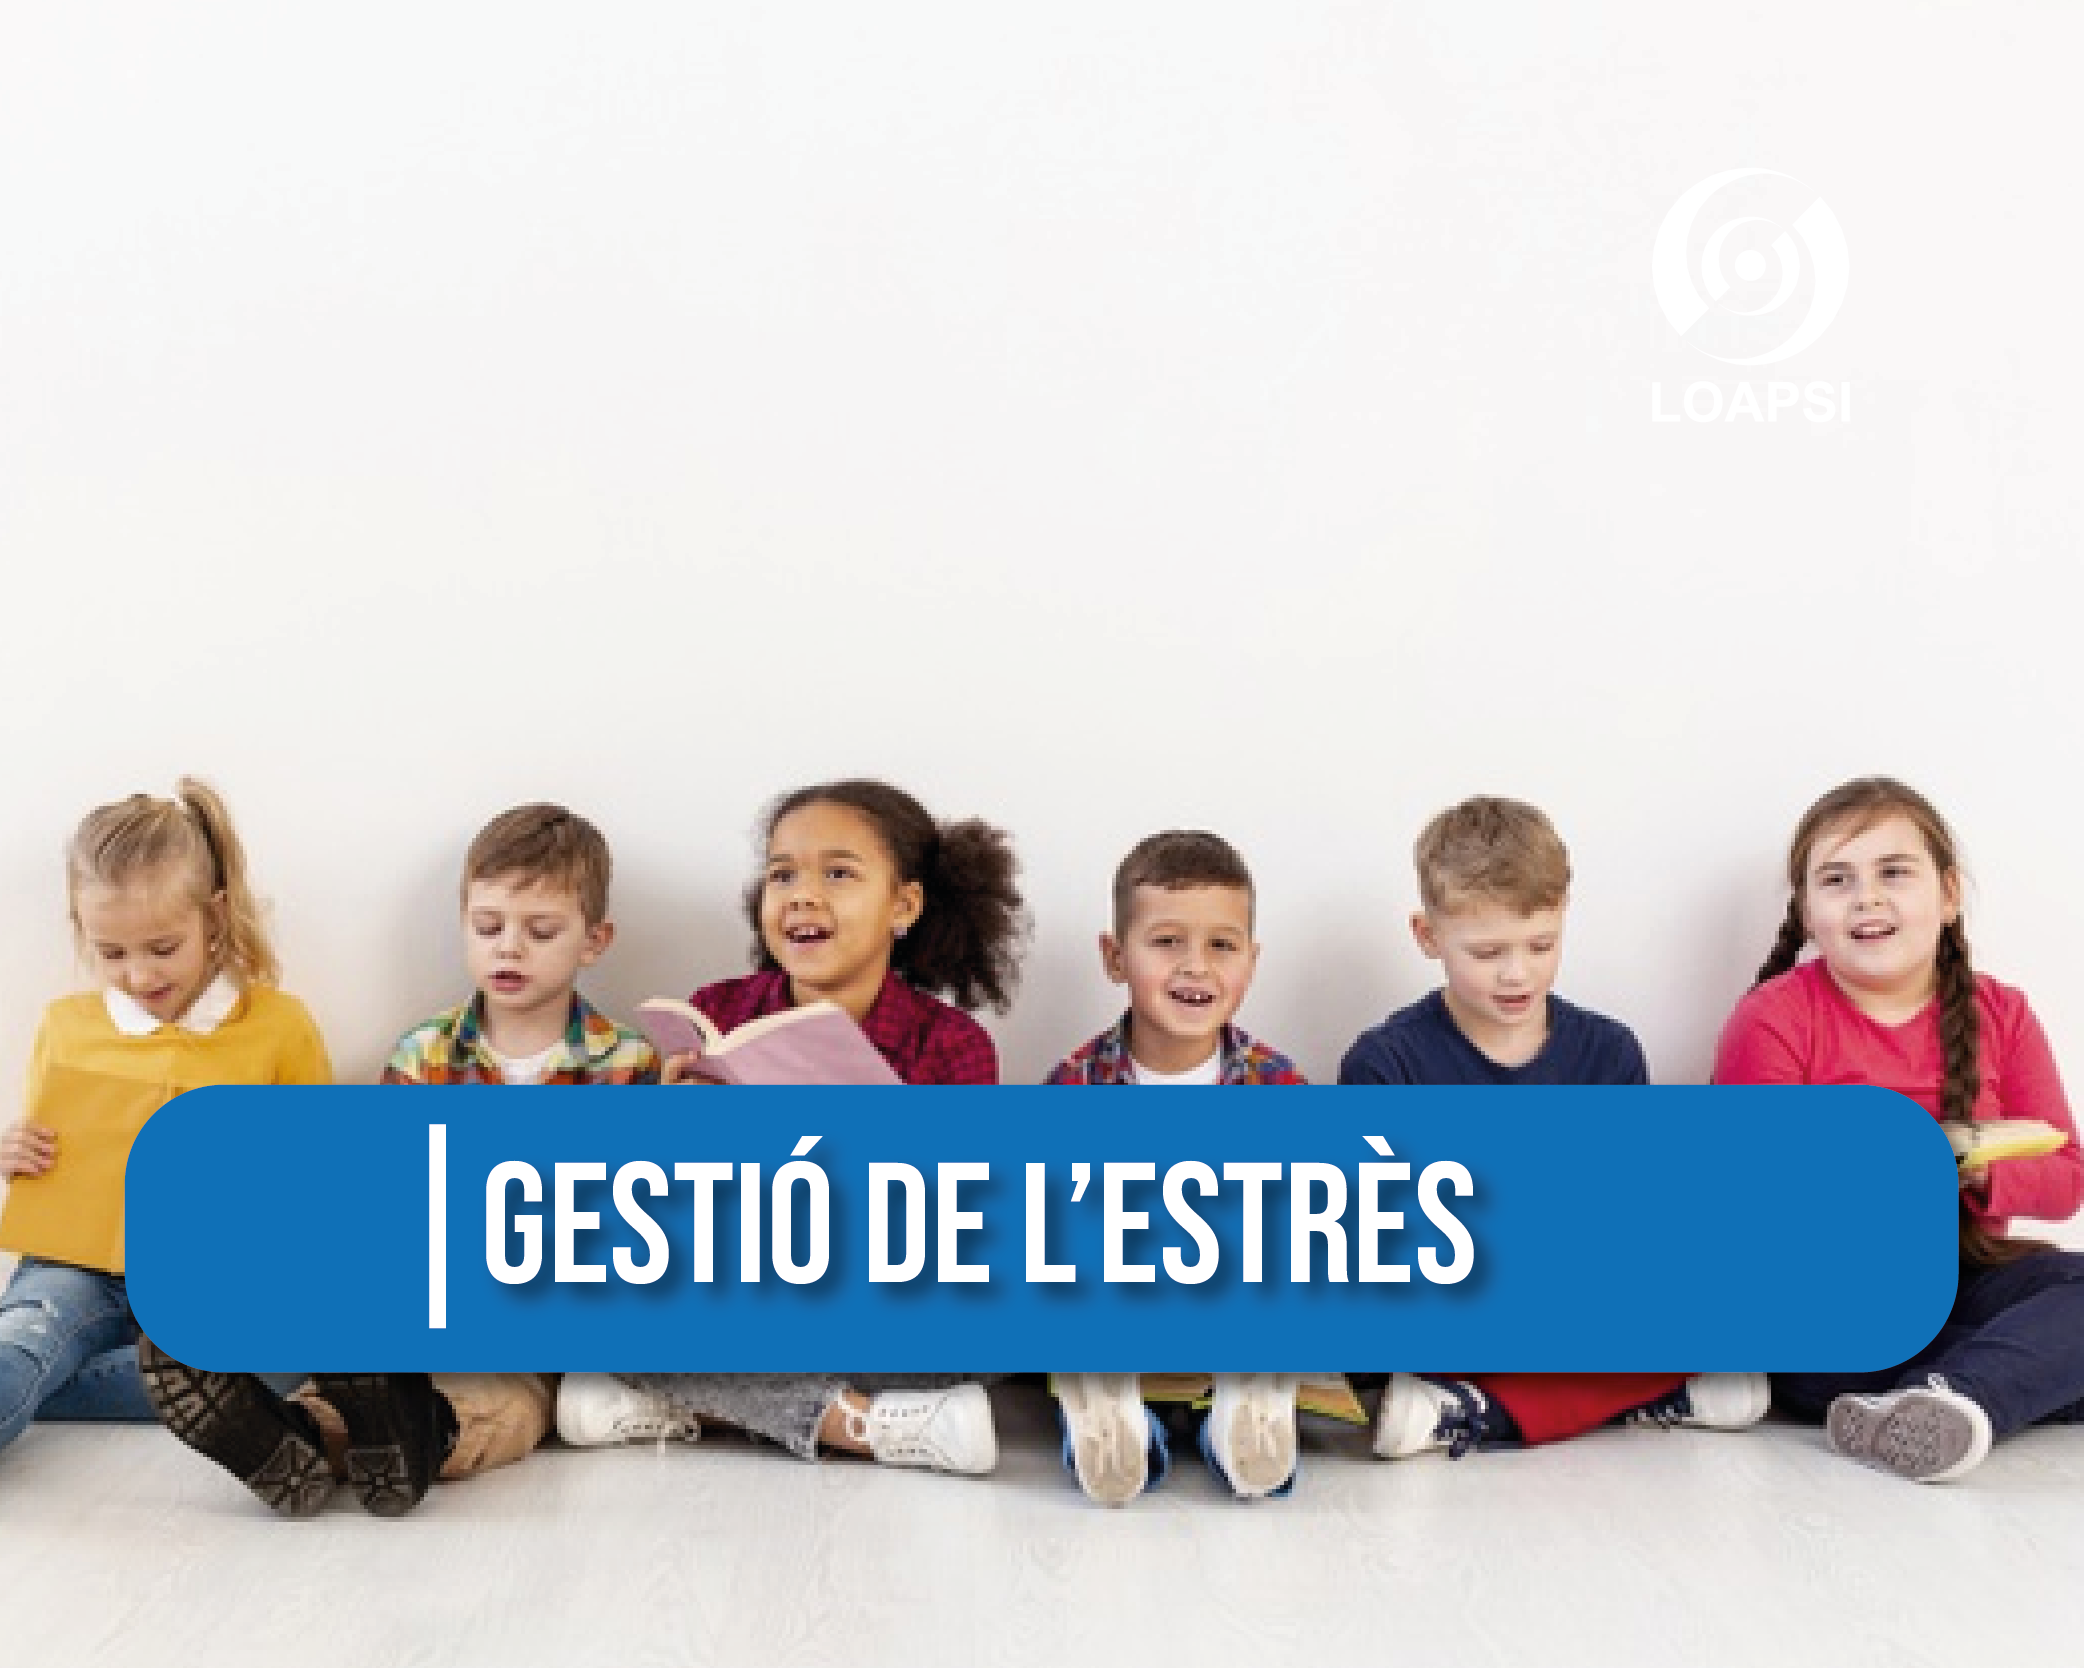 GESTIÓ DE L'ESTRÉS